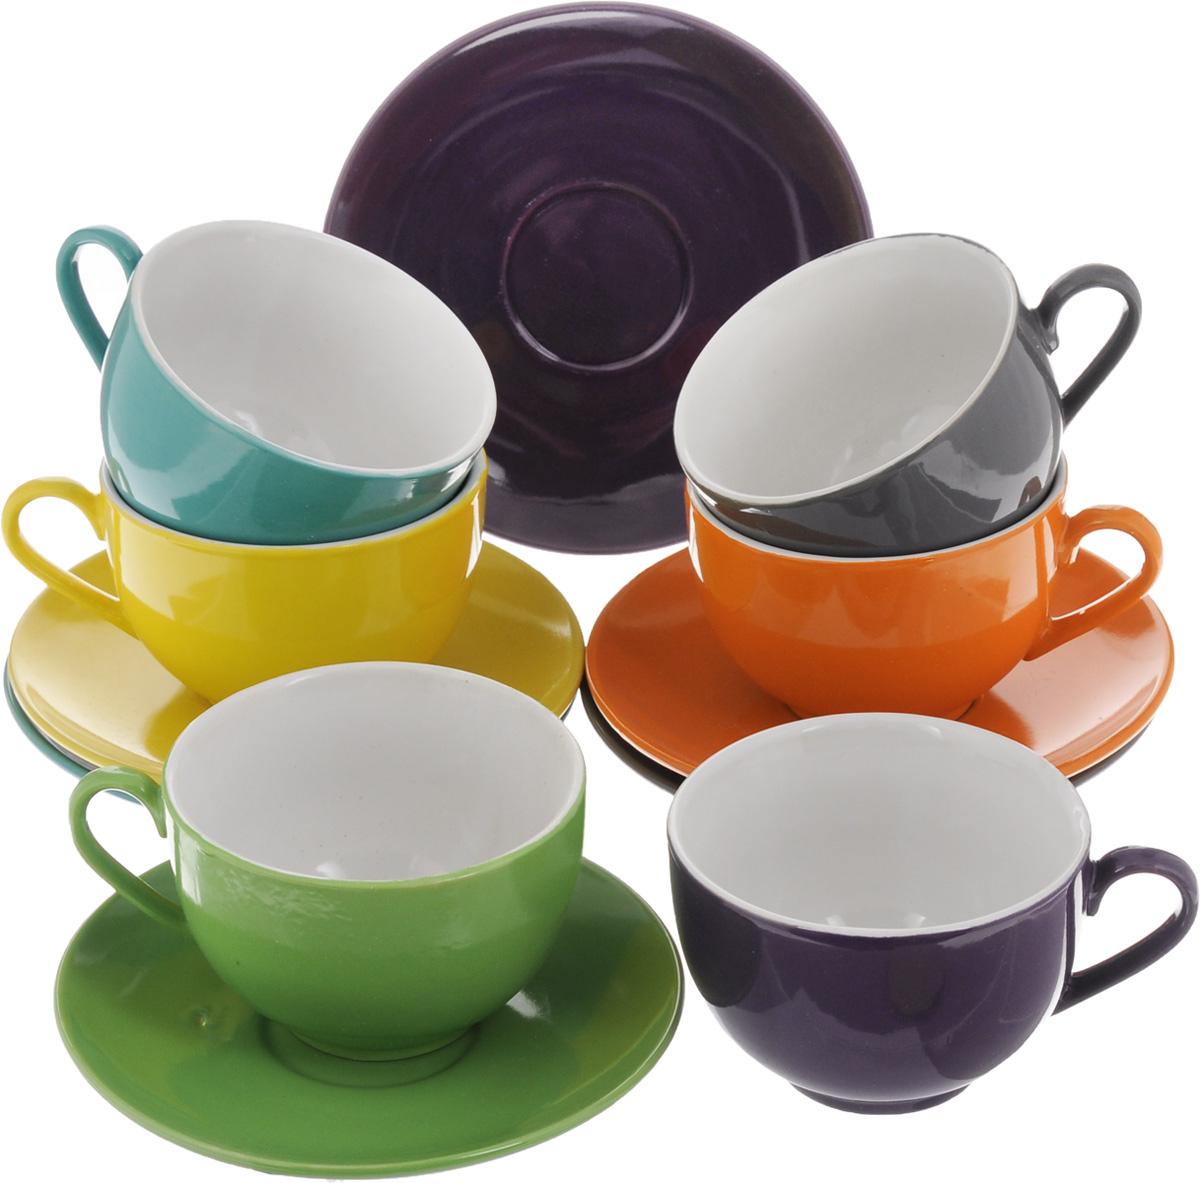 Набор чайный Loraine, 350 мл, 12 предметов. 24489115510Чайный набор Loraine состоит из шести чашек и шести блюдец. Изделия выполнены из высококачественной керамики. Такой набор изящно дополнит сервировку стола к чаепитию. Благодаря оригинальному дизайну и качеству исполнения, он станет замечательным подарком для ваших друзей и близких. Объем чашки: 250 мл. Диаметр чашки по верхнему краю: 9 см. Высота чашки: 6,5 см. Диаметр блюдца: 15 см.Высота блюдца: 2 см.